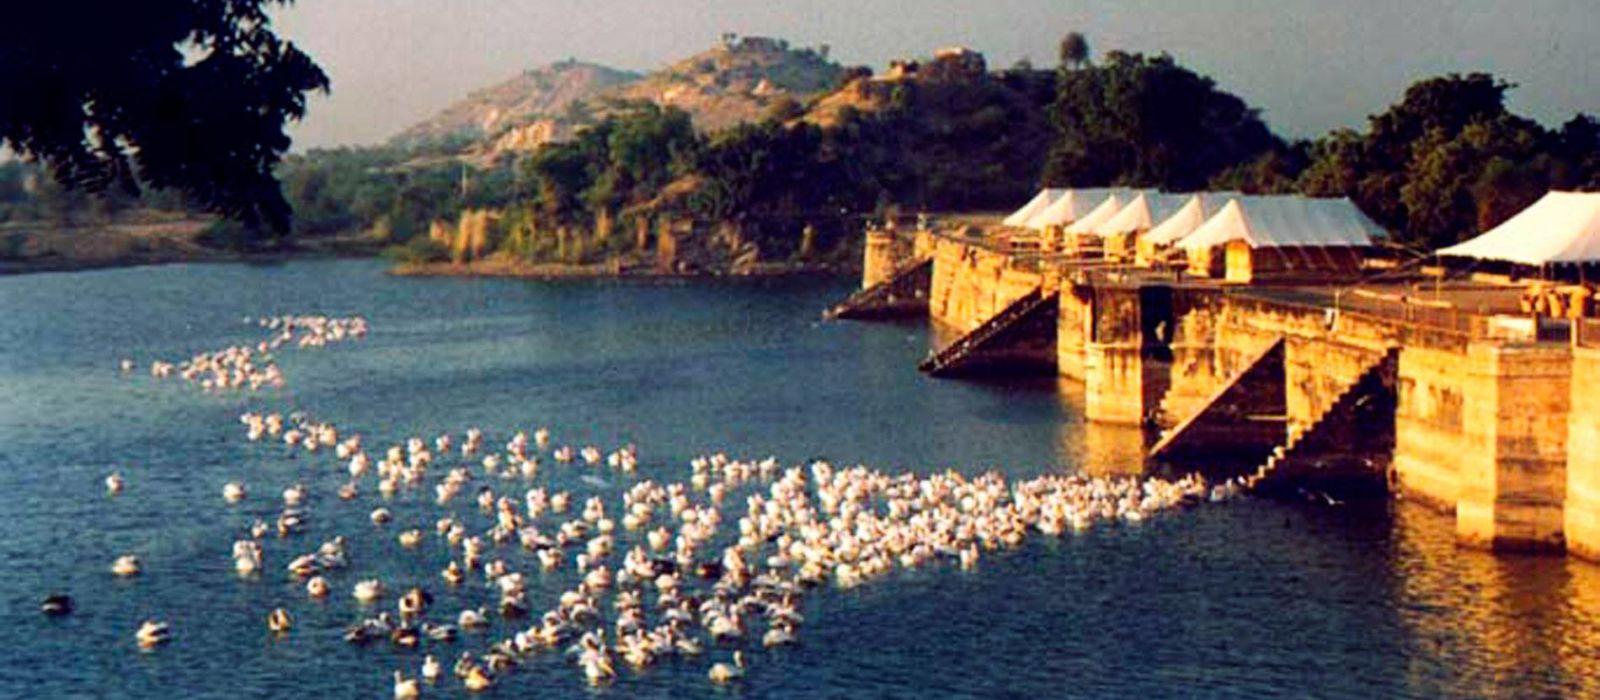 Reiseziel Chhatra Sagar Nordindien